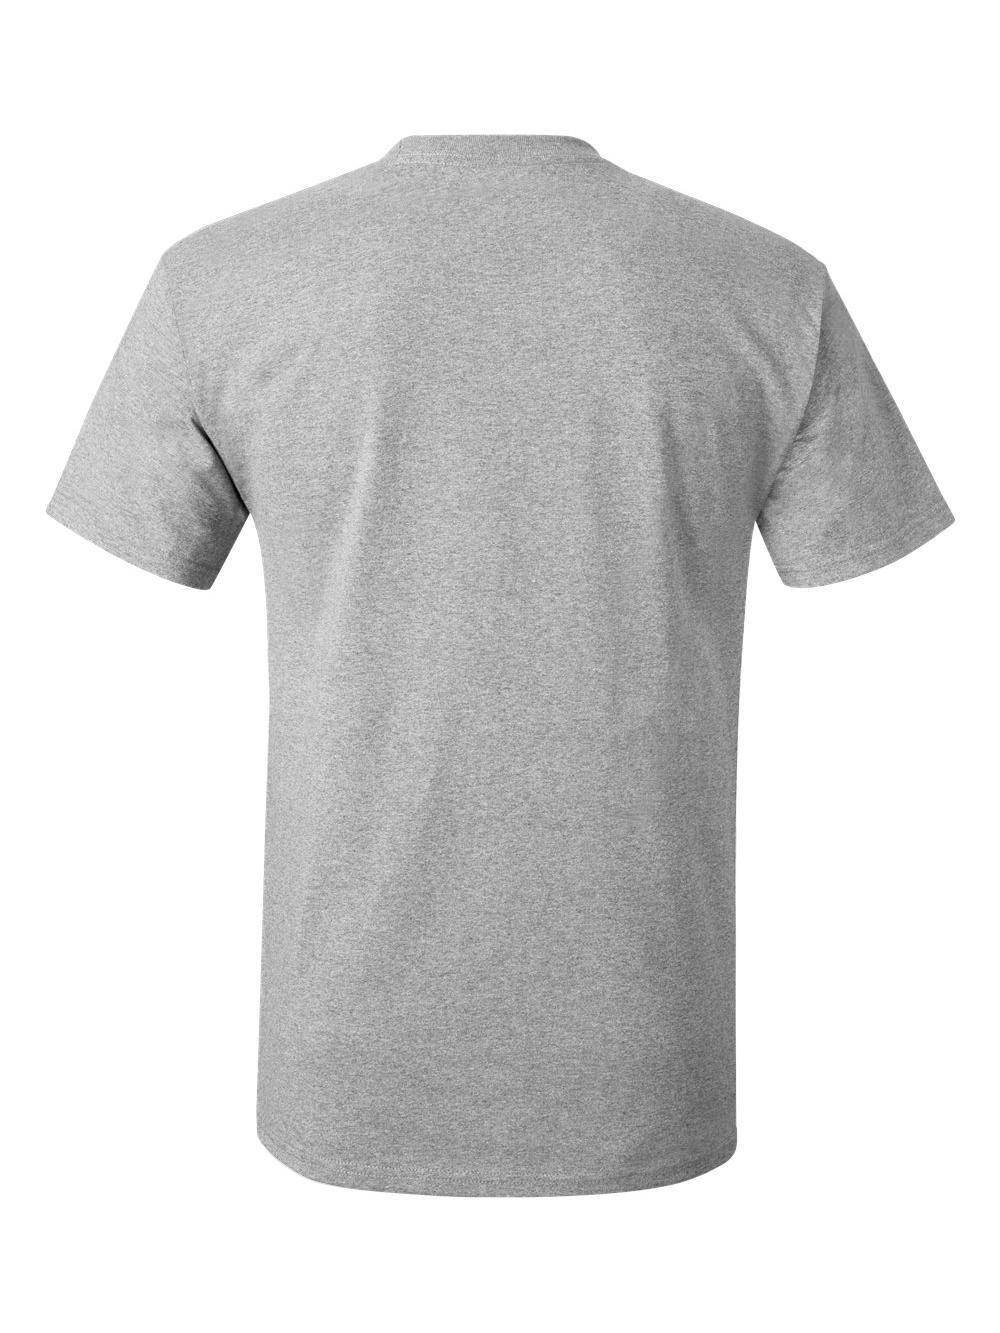 Hanes-Tagless-T-Shirt-5250 thumbnail 67